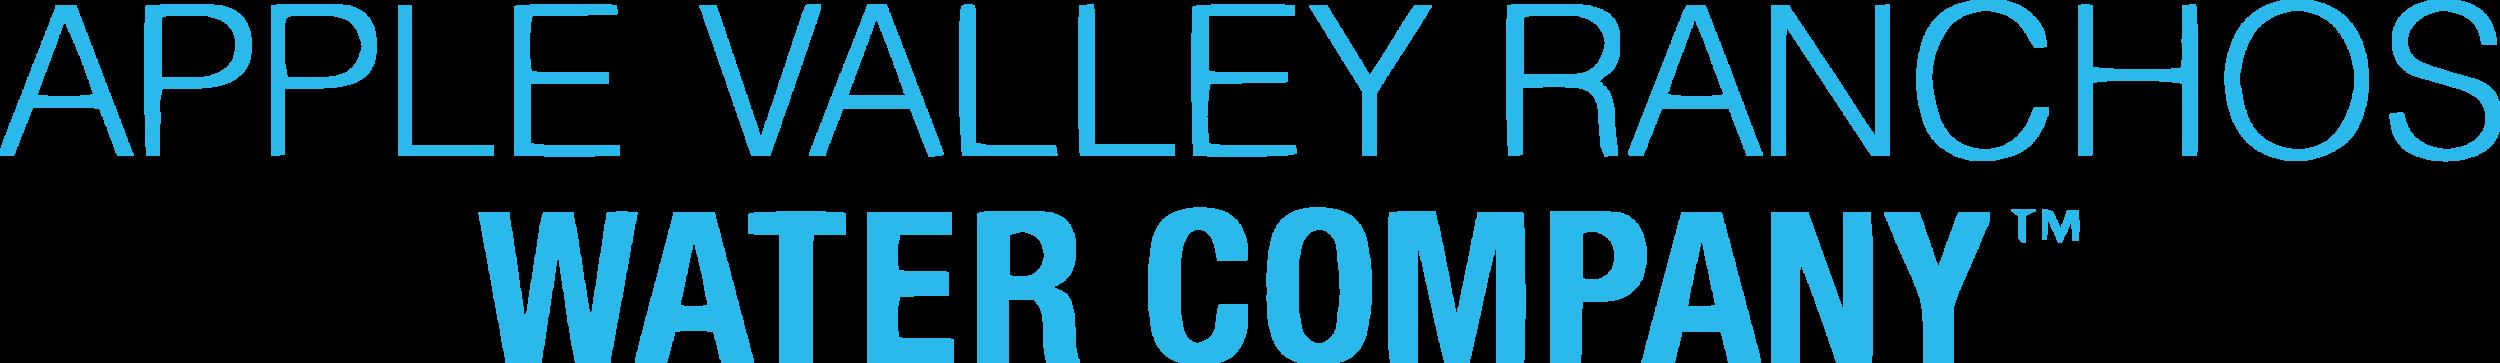 Apple Valley Ranchos Water Company